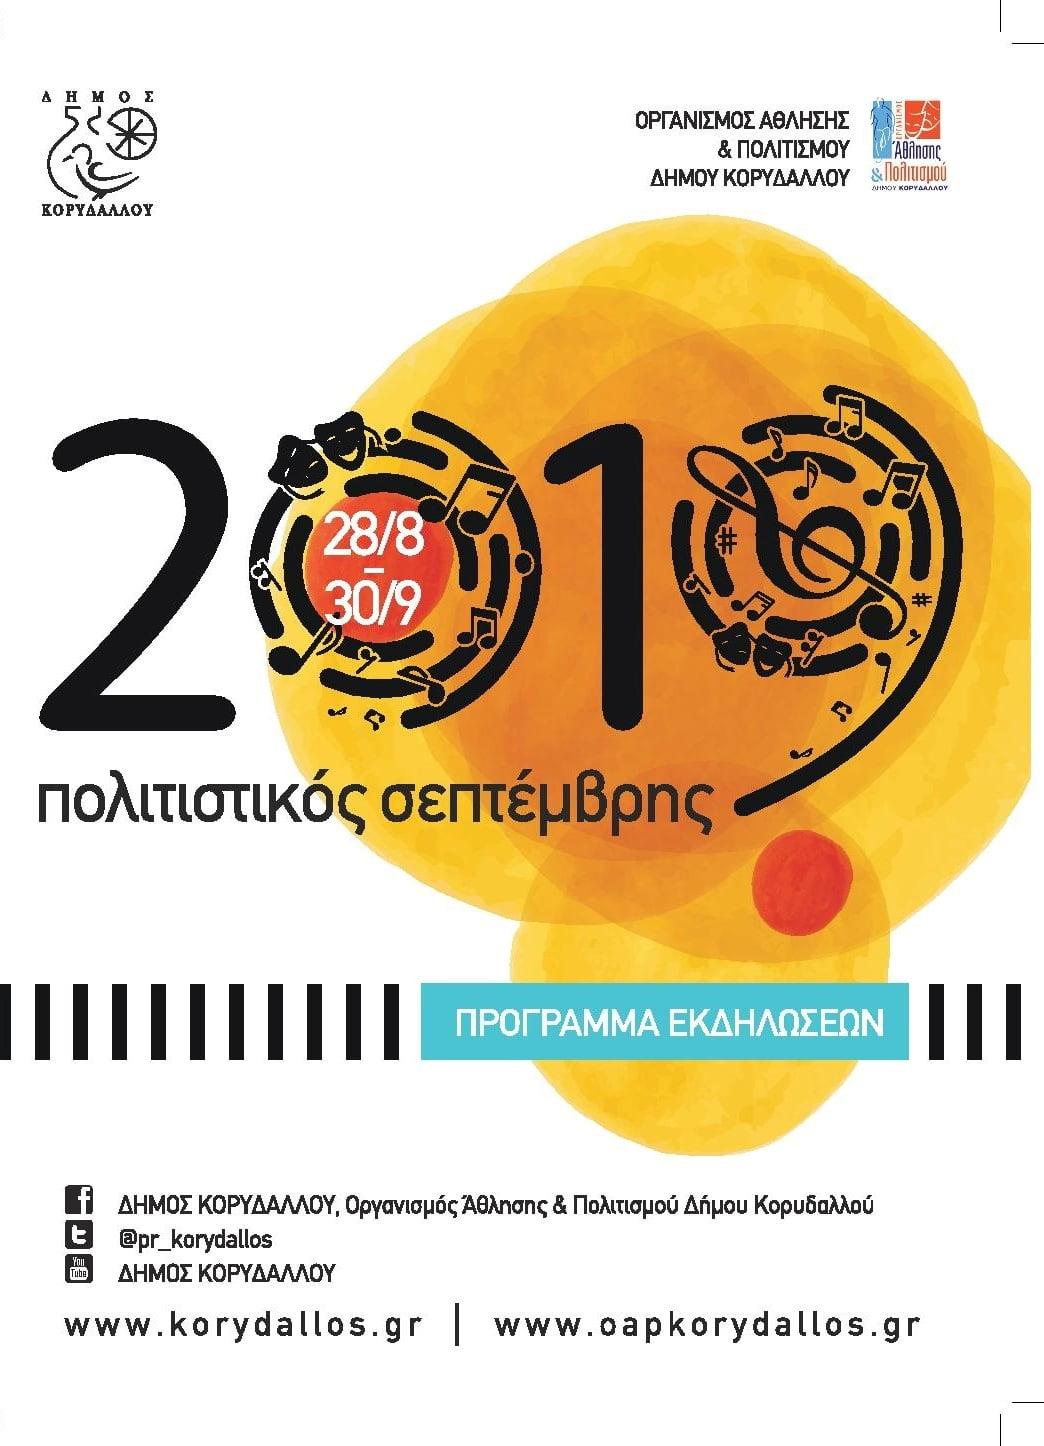 Δήμος Κορυδαλλού: 35 παραστάσεις & συναυλίες- 23 με ελεύθερη είσοδο